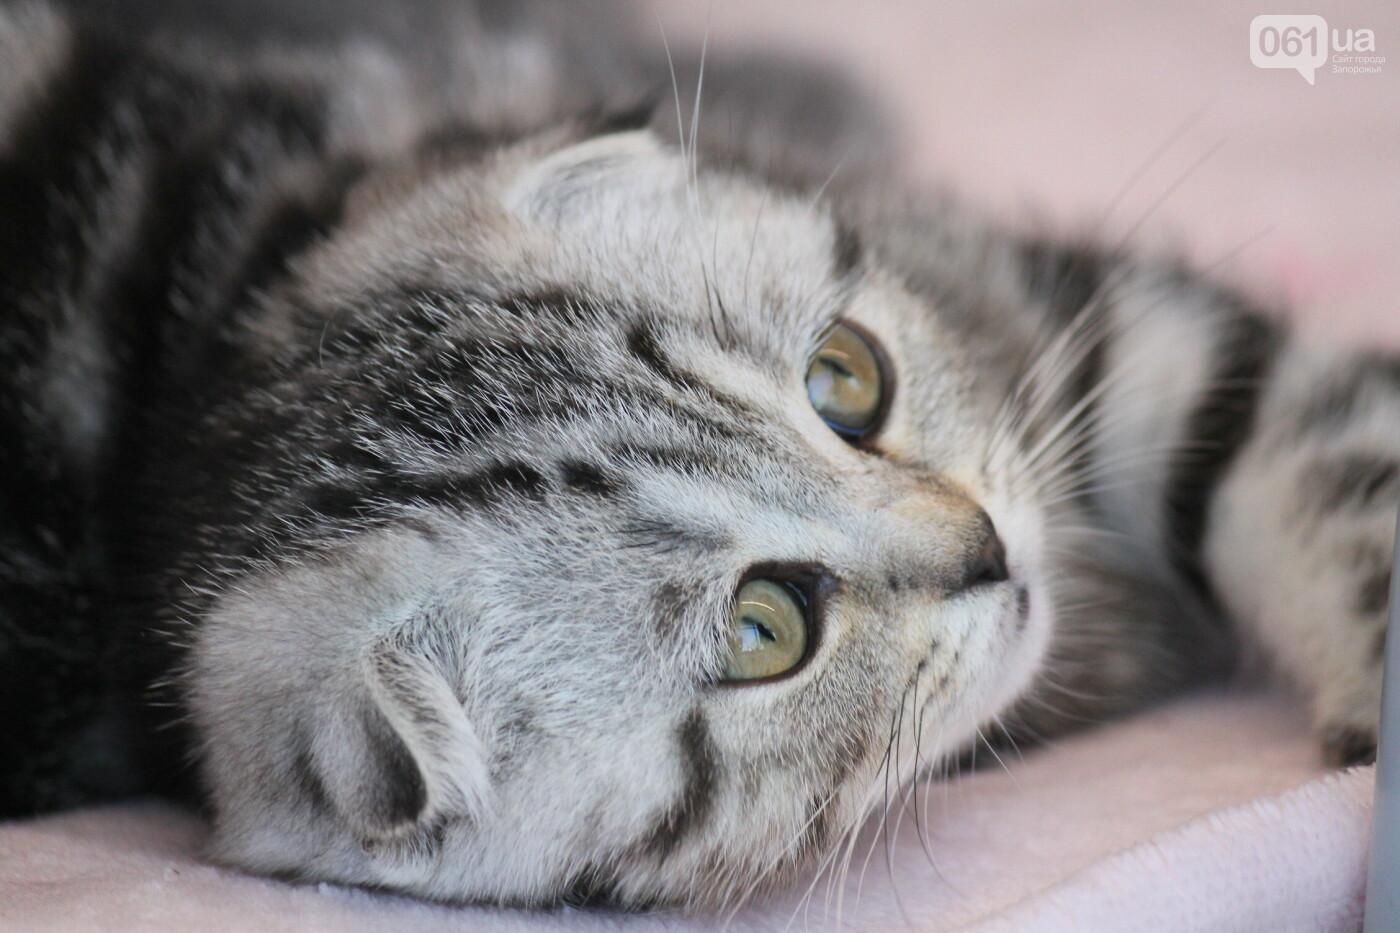 В Запорожье на выставке кошек показали 130 питомцев со всей Украины, – ФОТОРЕПОРТАЖ, фото-22